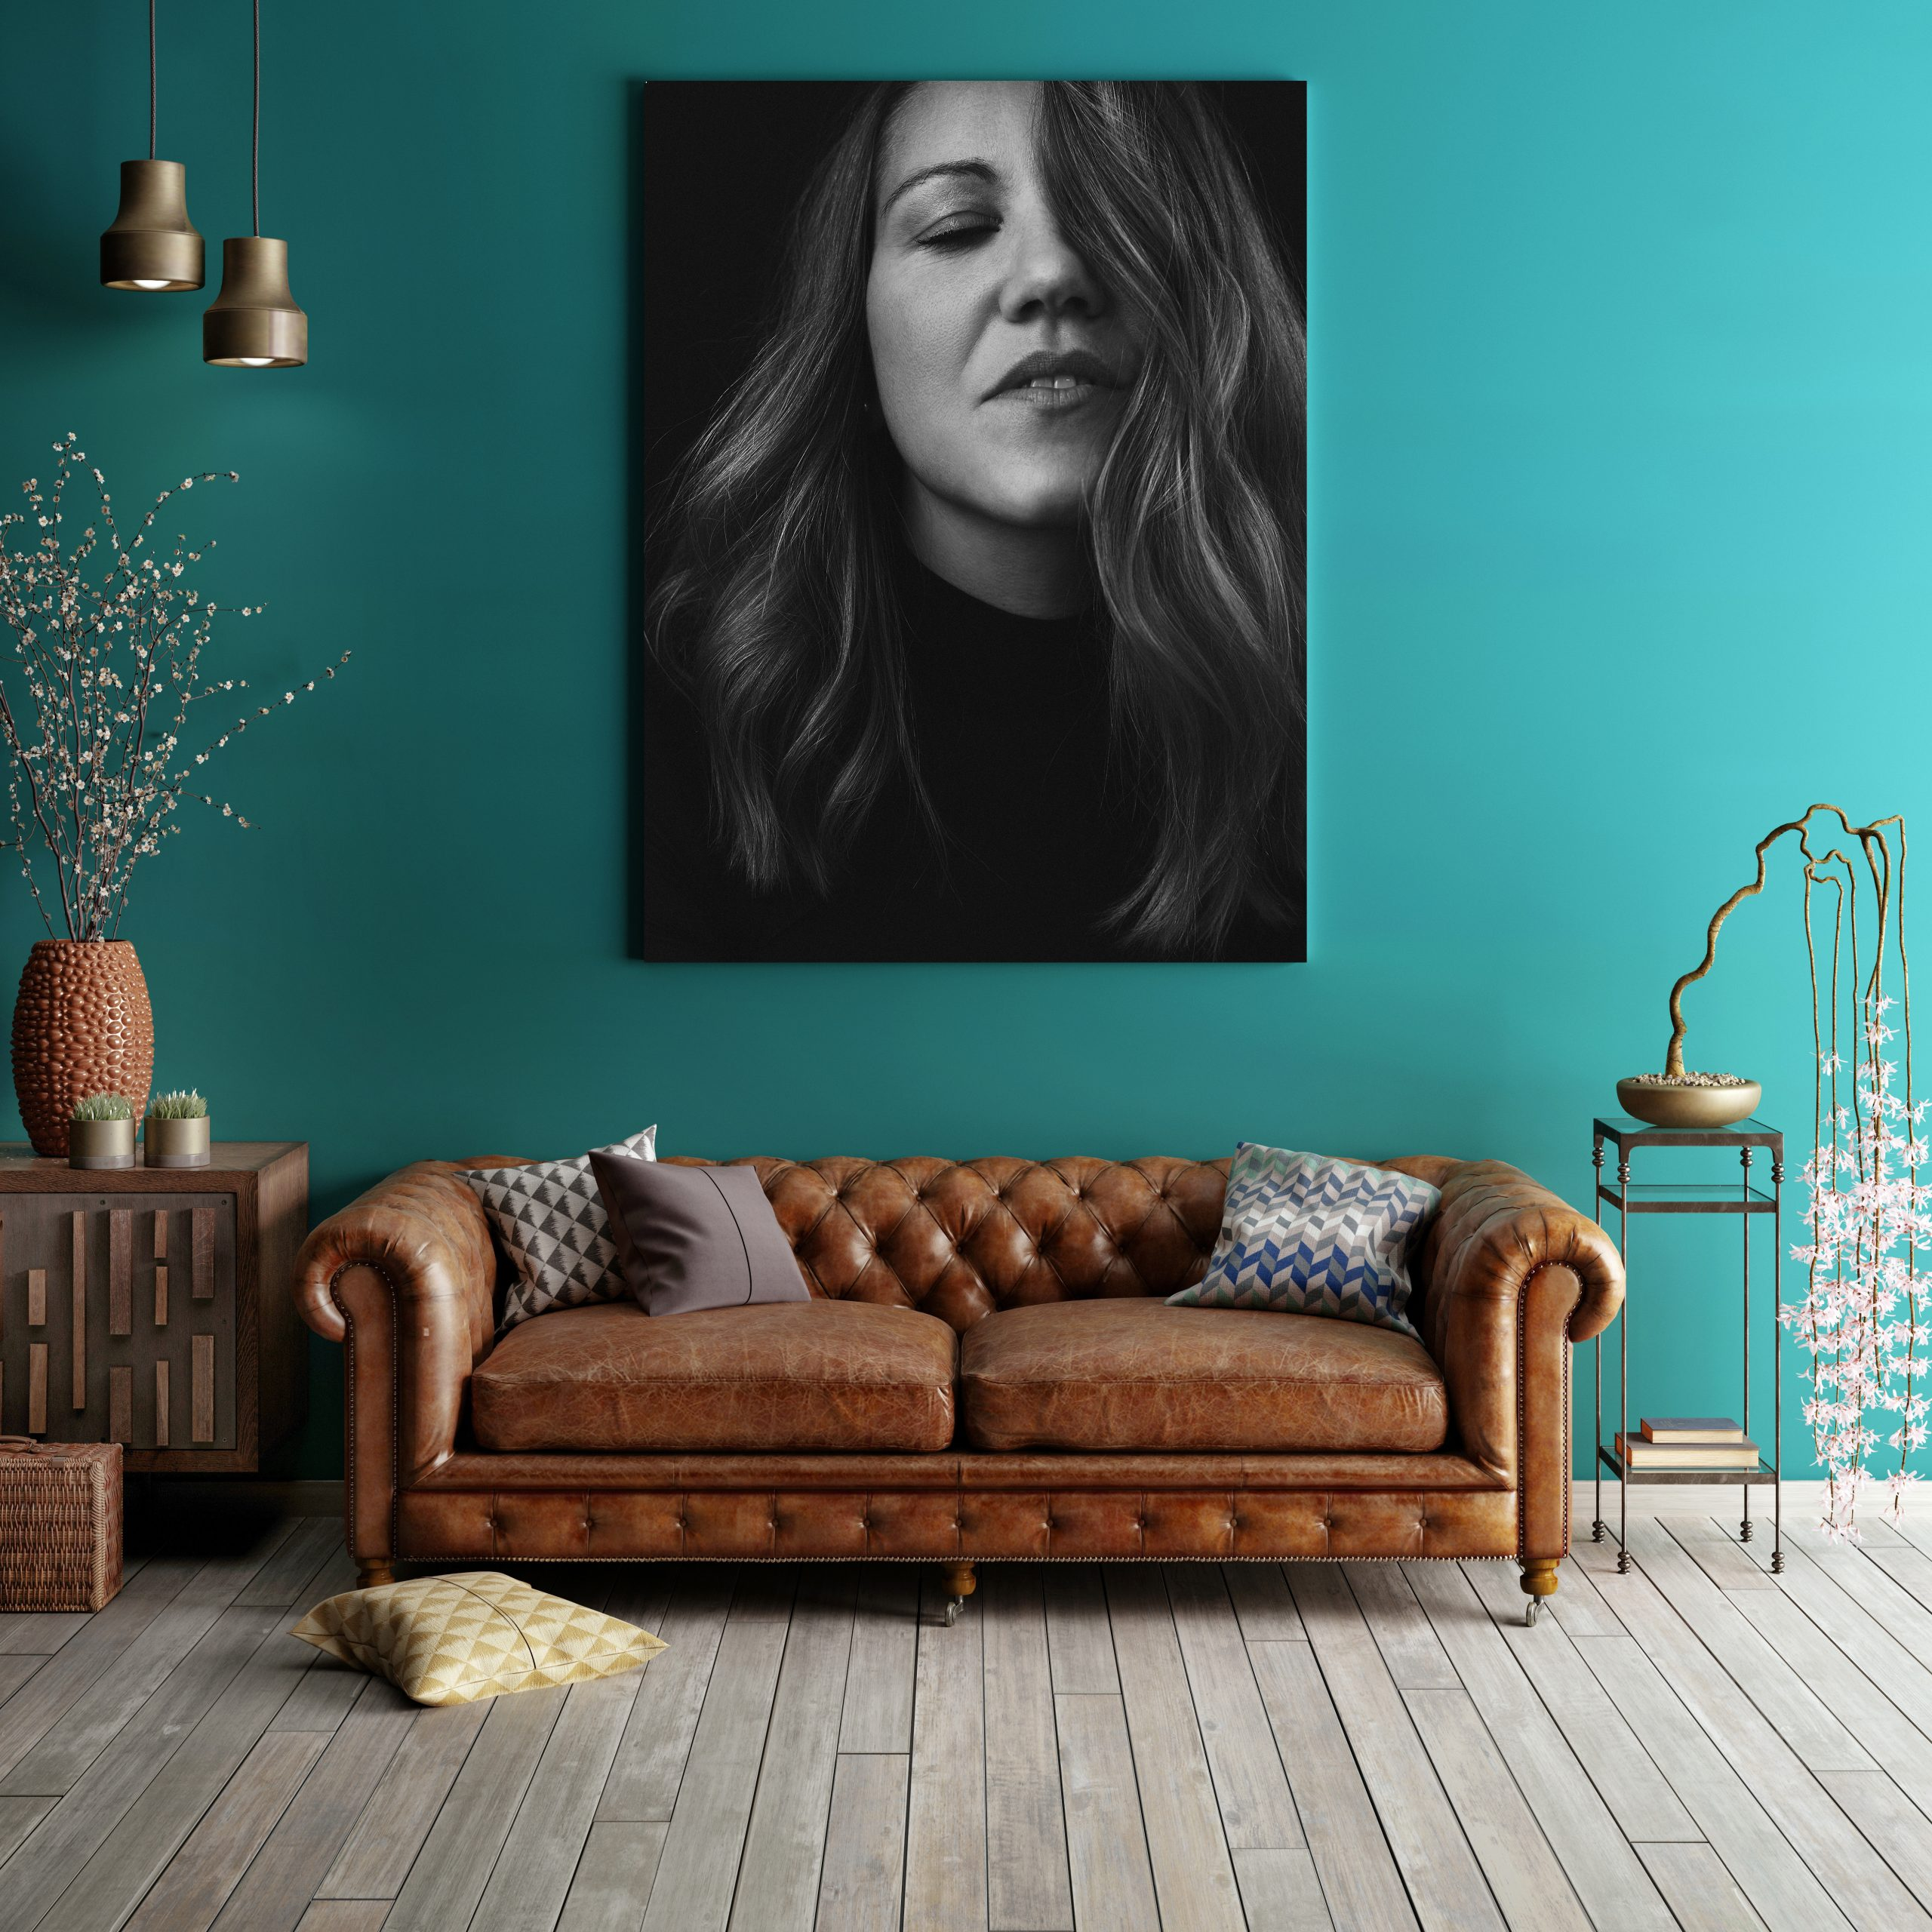 hochwertiger FineArt Print eines Portraits